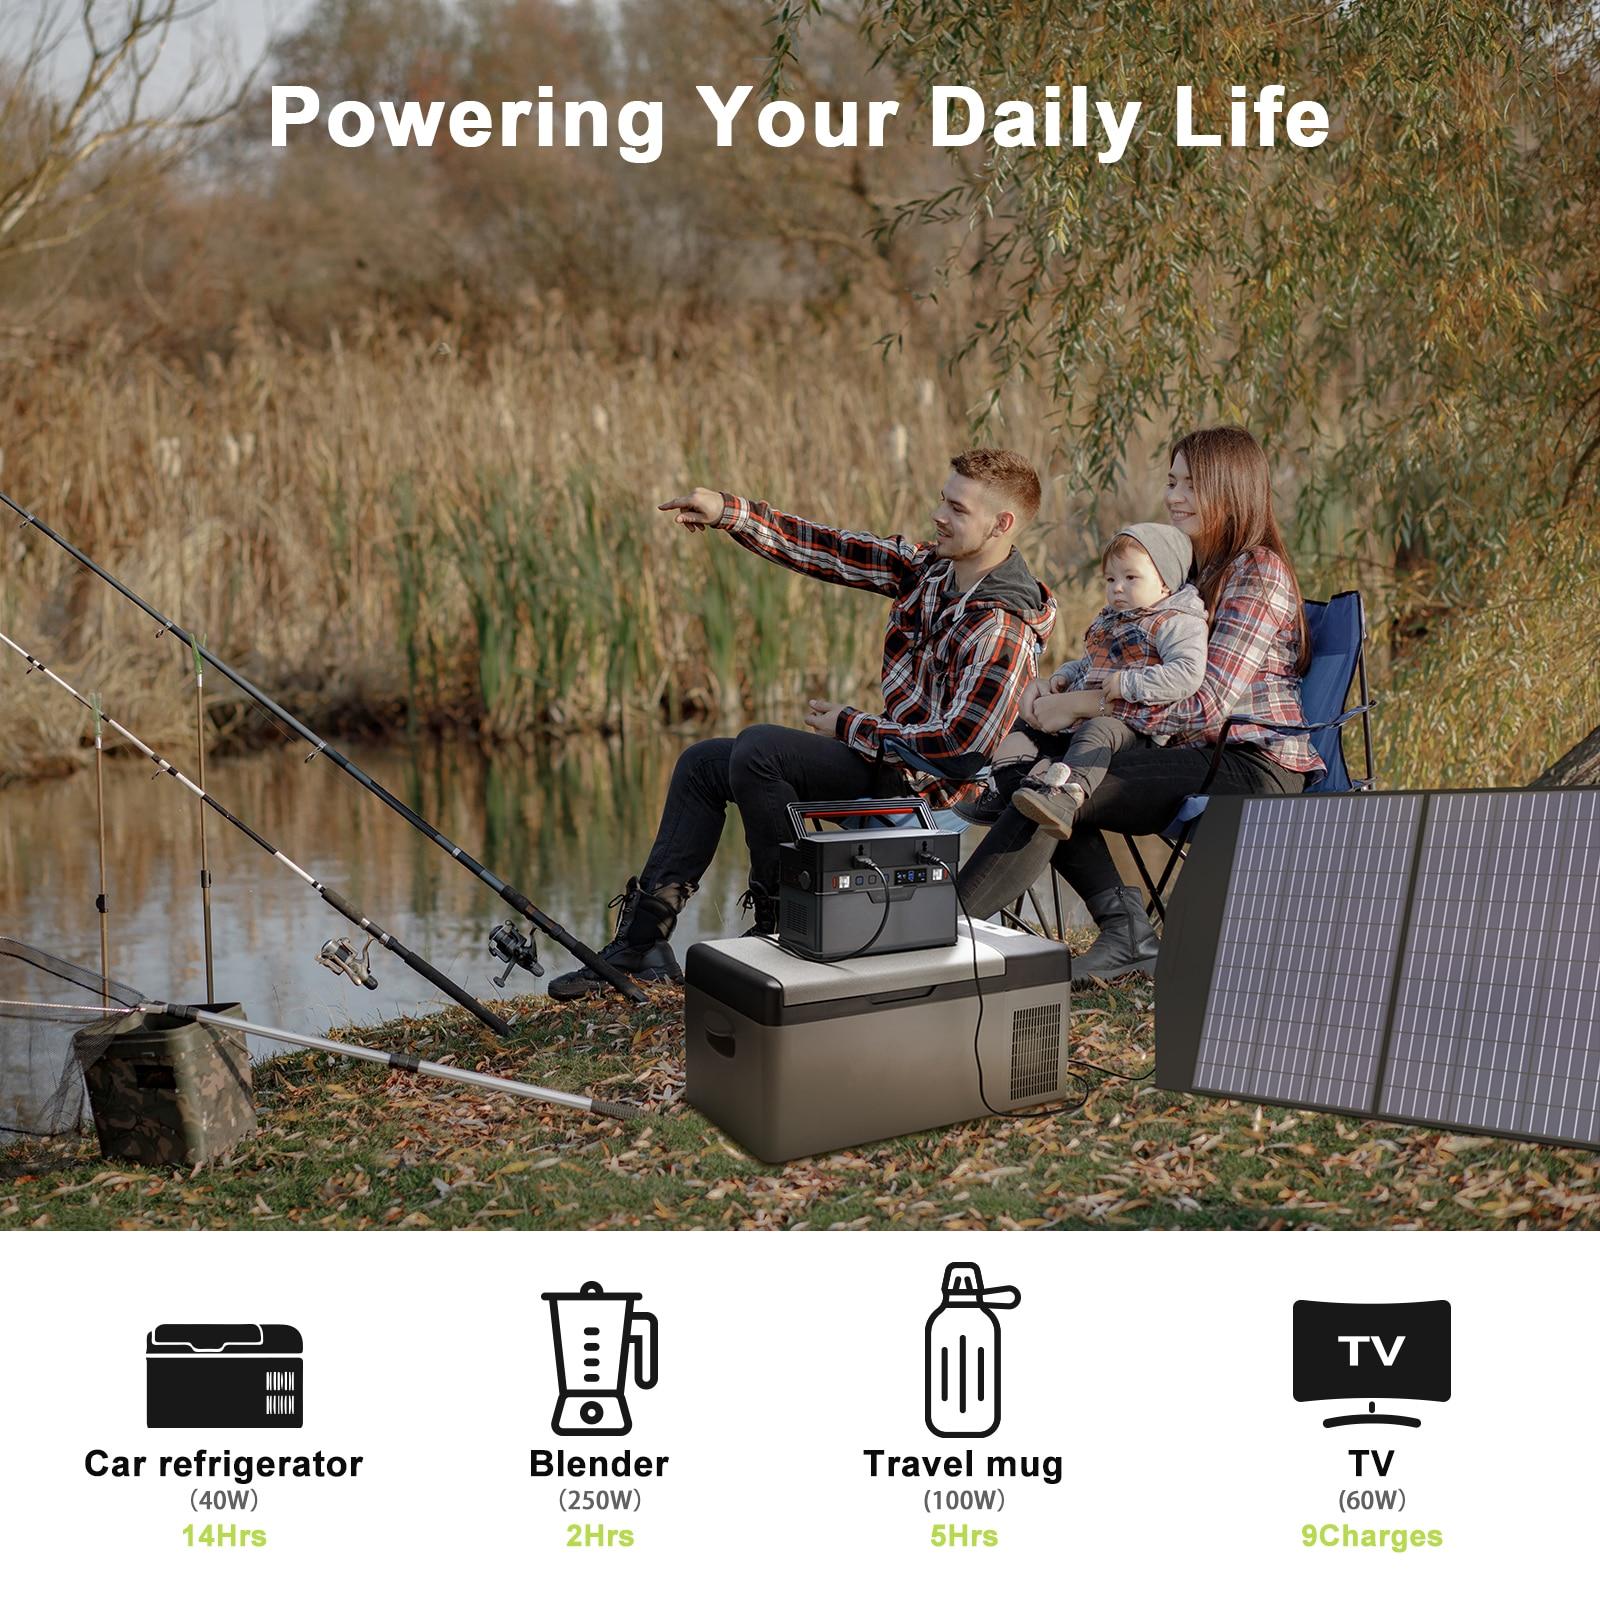 Allpowers Solar Generator, 110V/220V Portable Power Station, mobiele Emergency Backup Power Met 18V Opvouwbare Solar Panel Charger 4